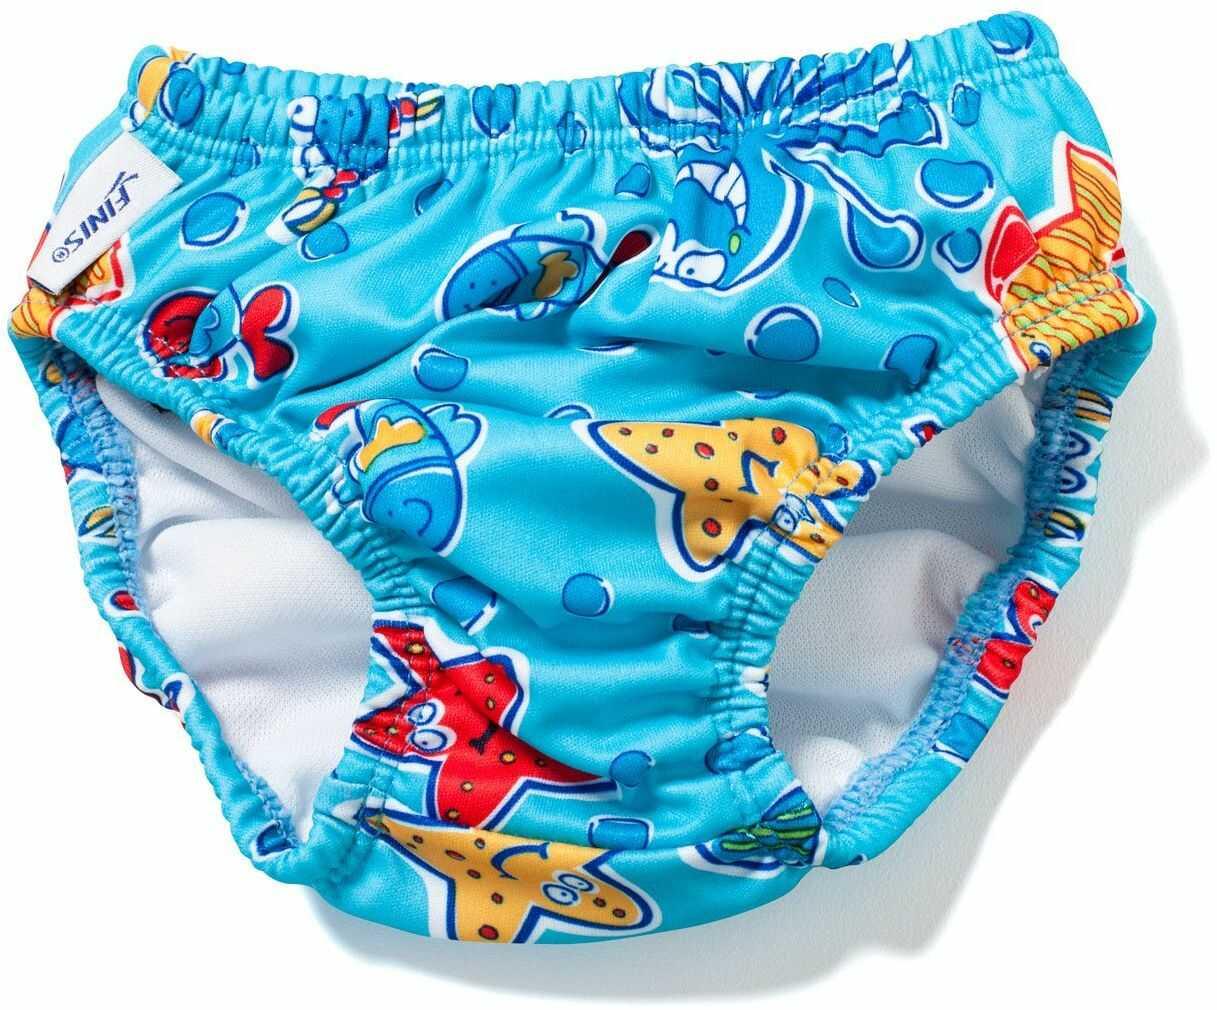 FINIS Dzieci Swim Diaper Nappy Octopus, niebieski, XL